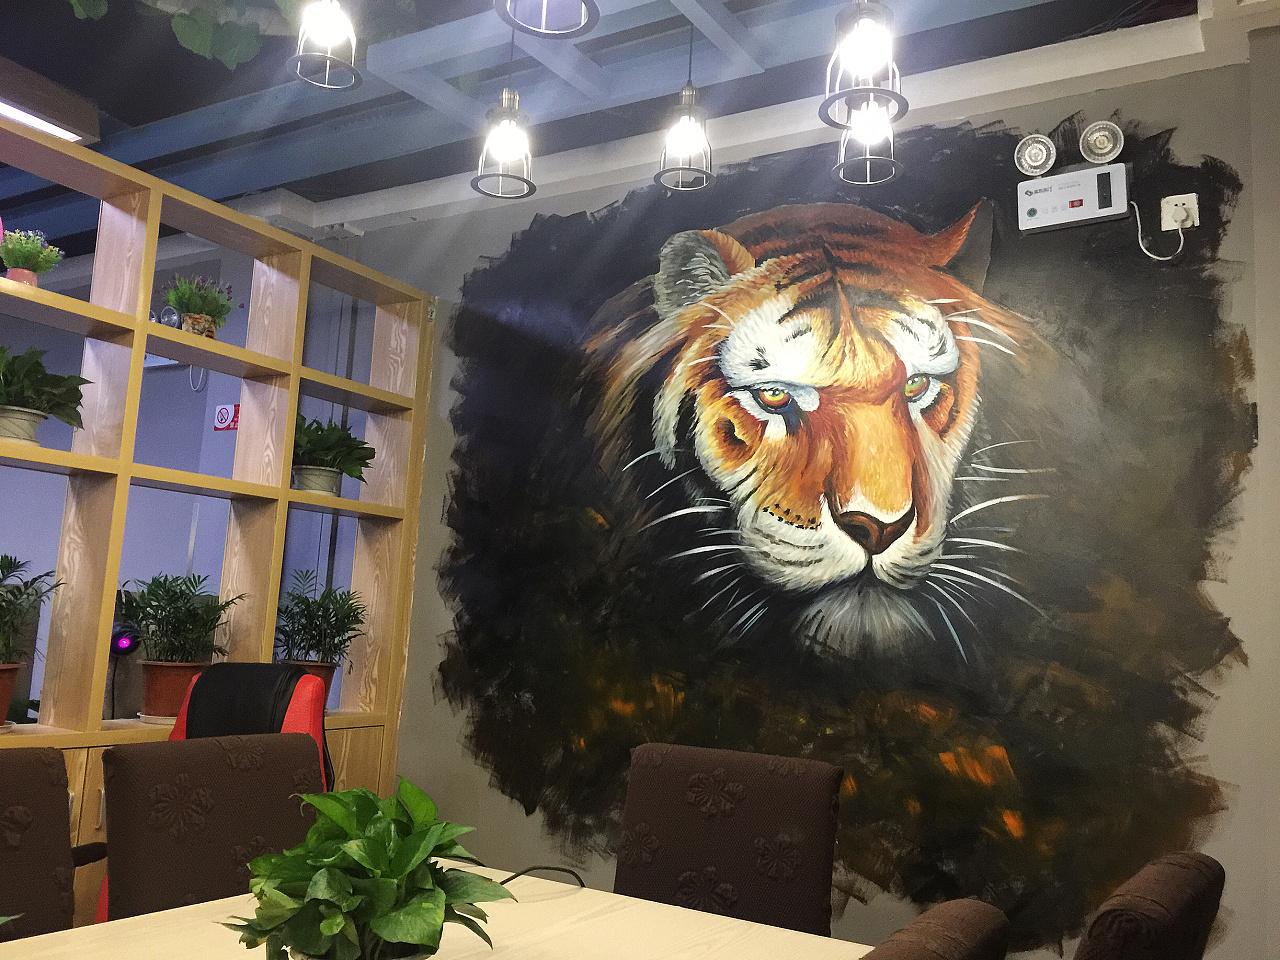 南昌墙绘3d,南昌墙绘壁画,南昌幼儿园墙绘画,南昌手绘墙